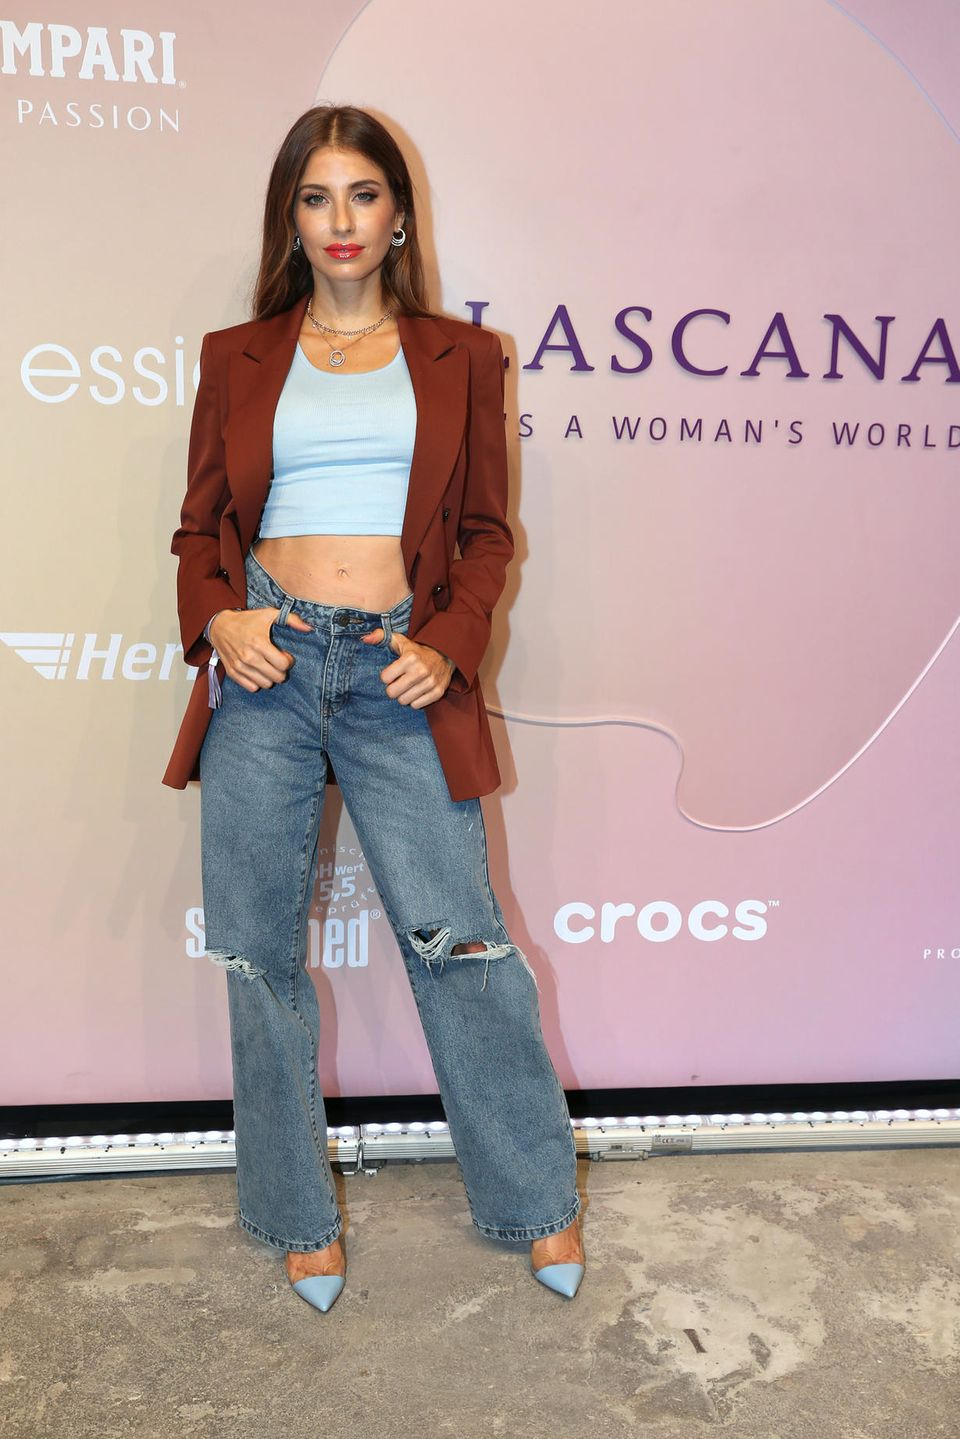 In einem lässigen Street-Style-Look mit rotem Blazer und weit geschnittener Destroyed-Jeans zeigt sich Cathy Hummels vor der Lascana-Show.